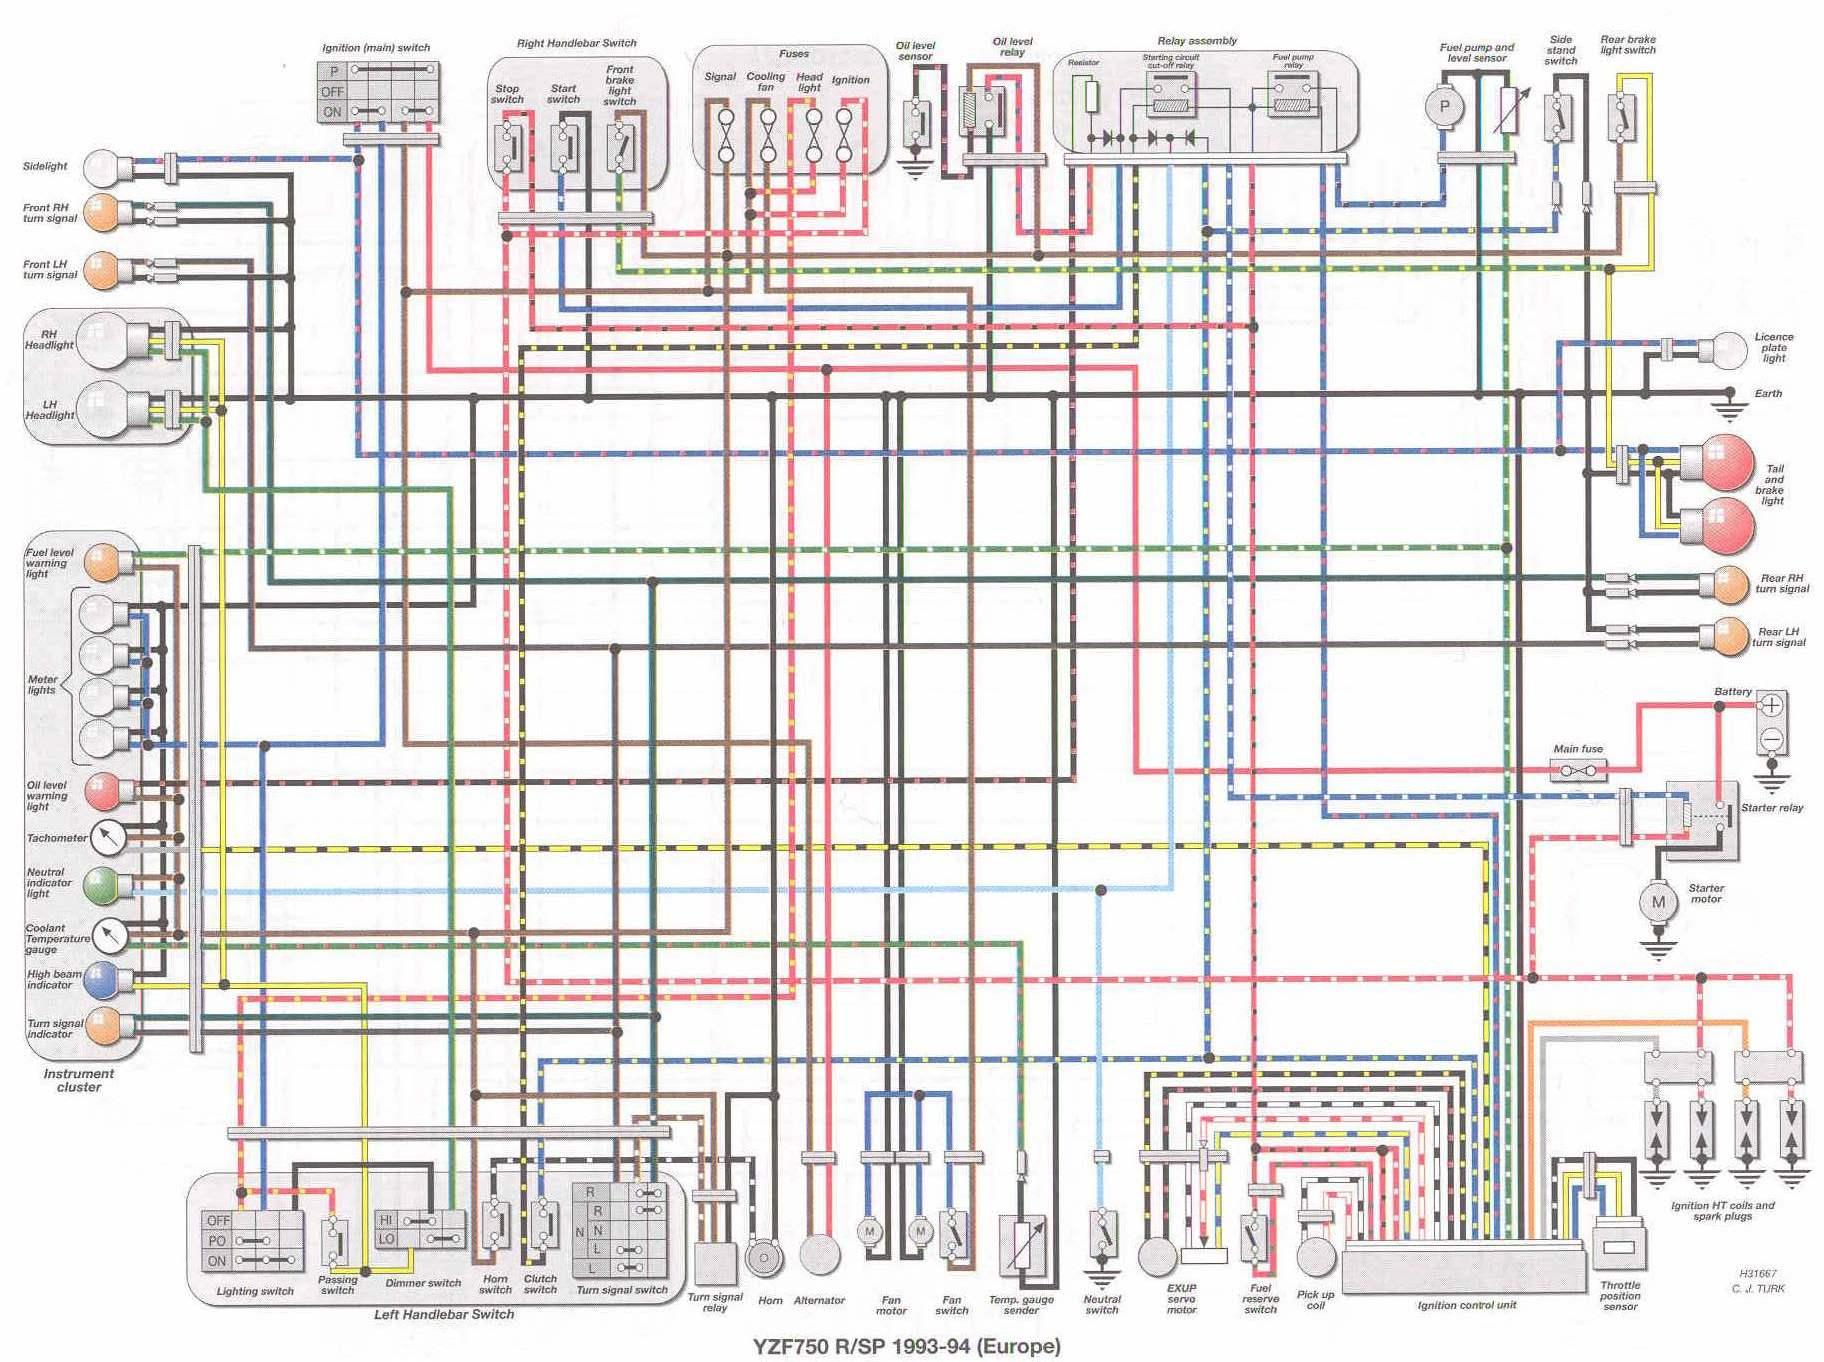 yzf750rschaltplan939416jnu Yamaha Fz Wiring Diagram on